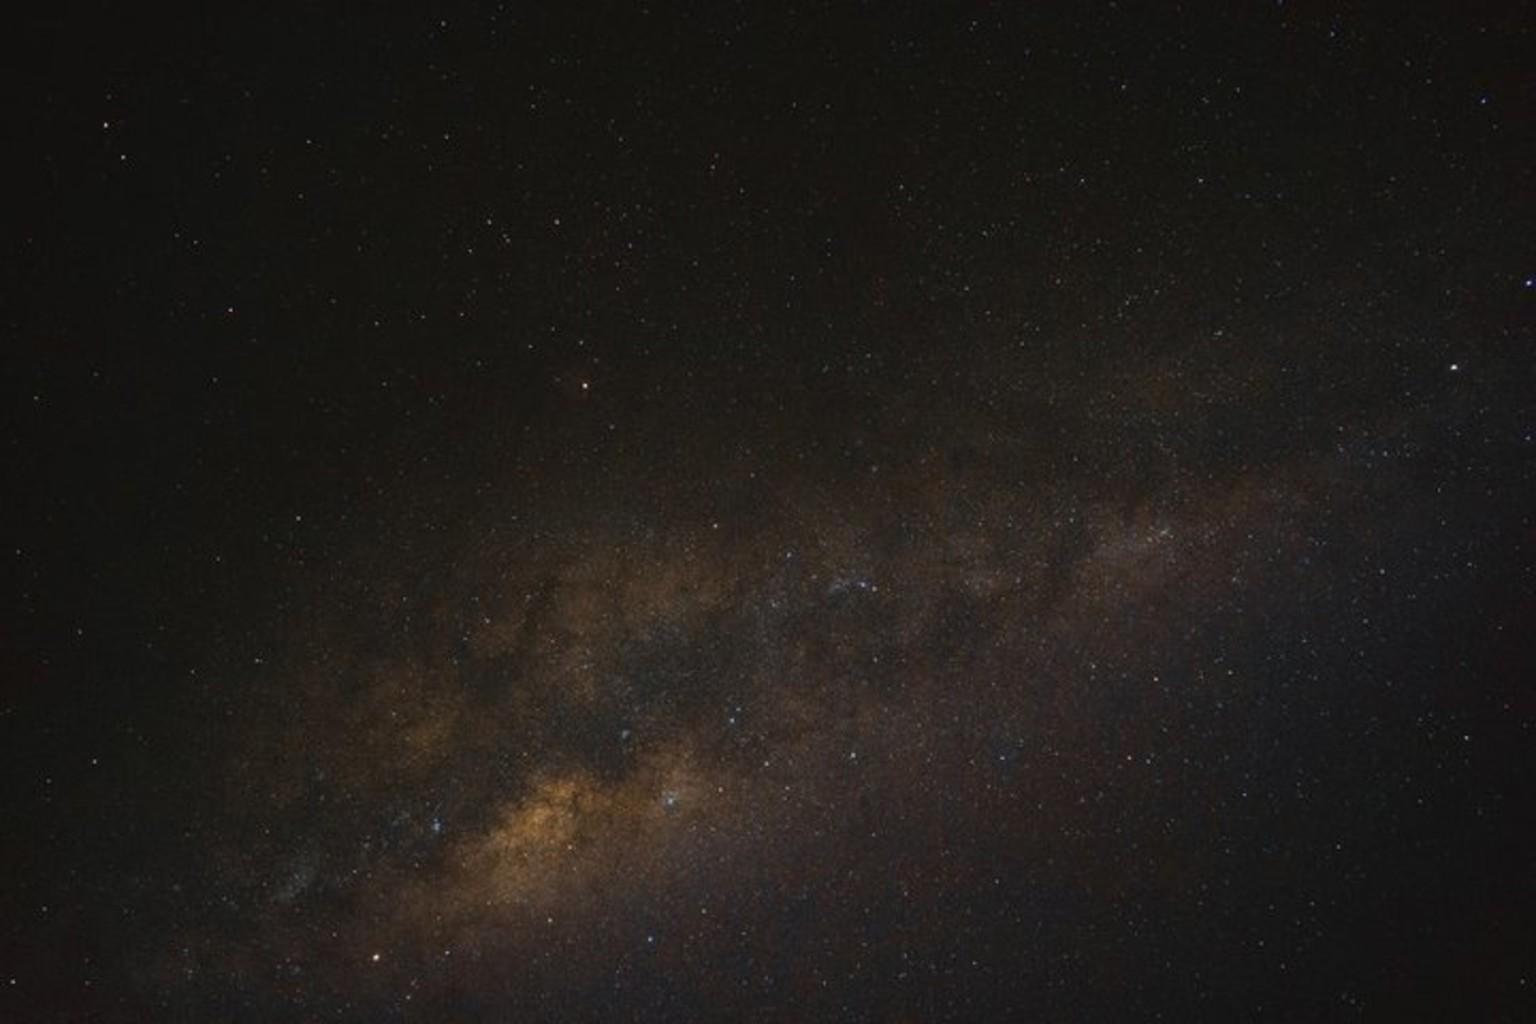 Изображение носит иллюстративный характер. Фото: Yong Chuan / unsplash.com